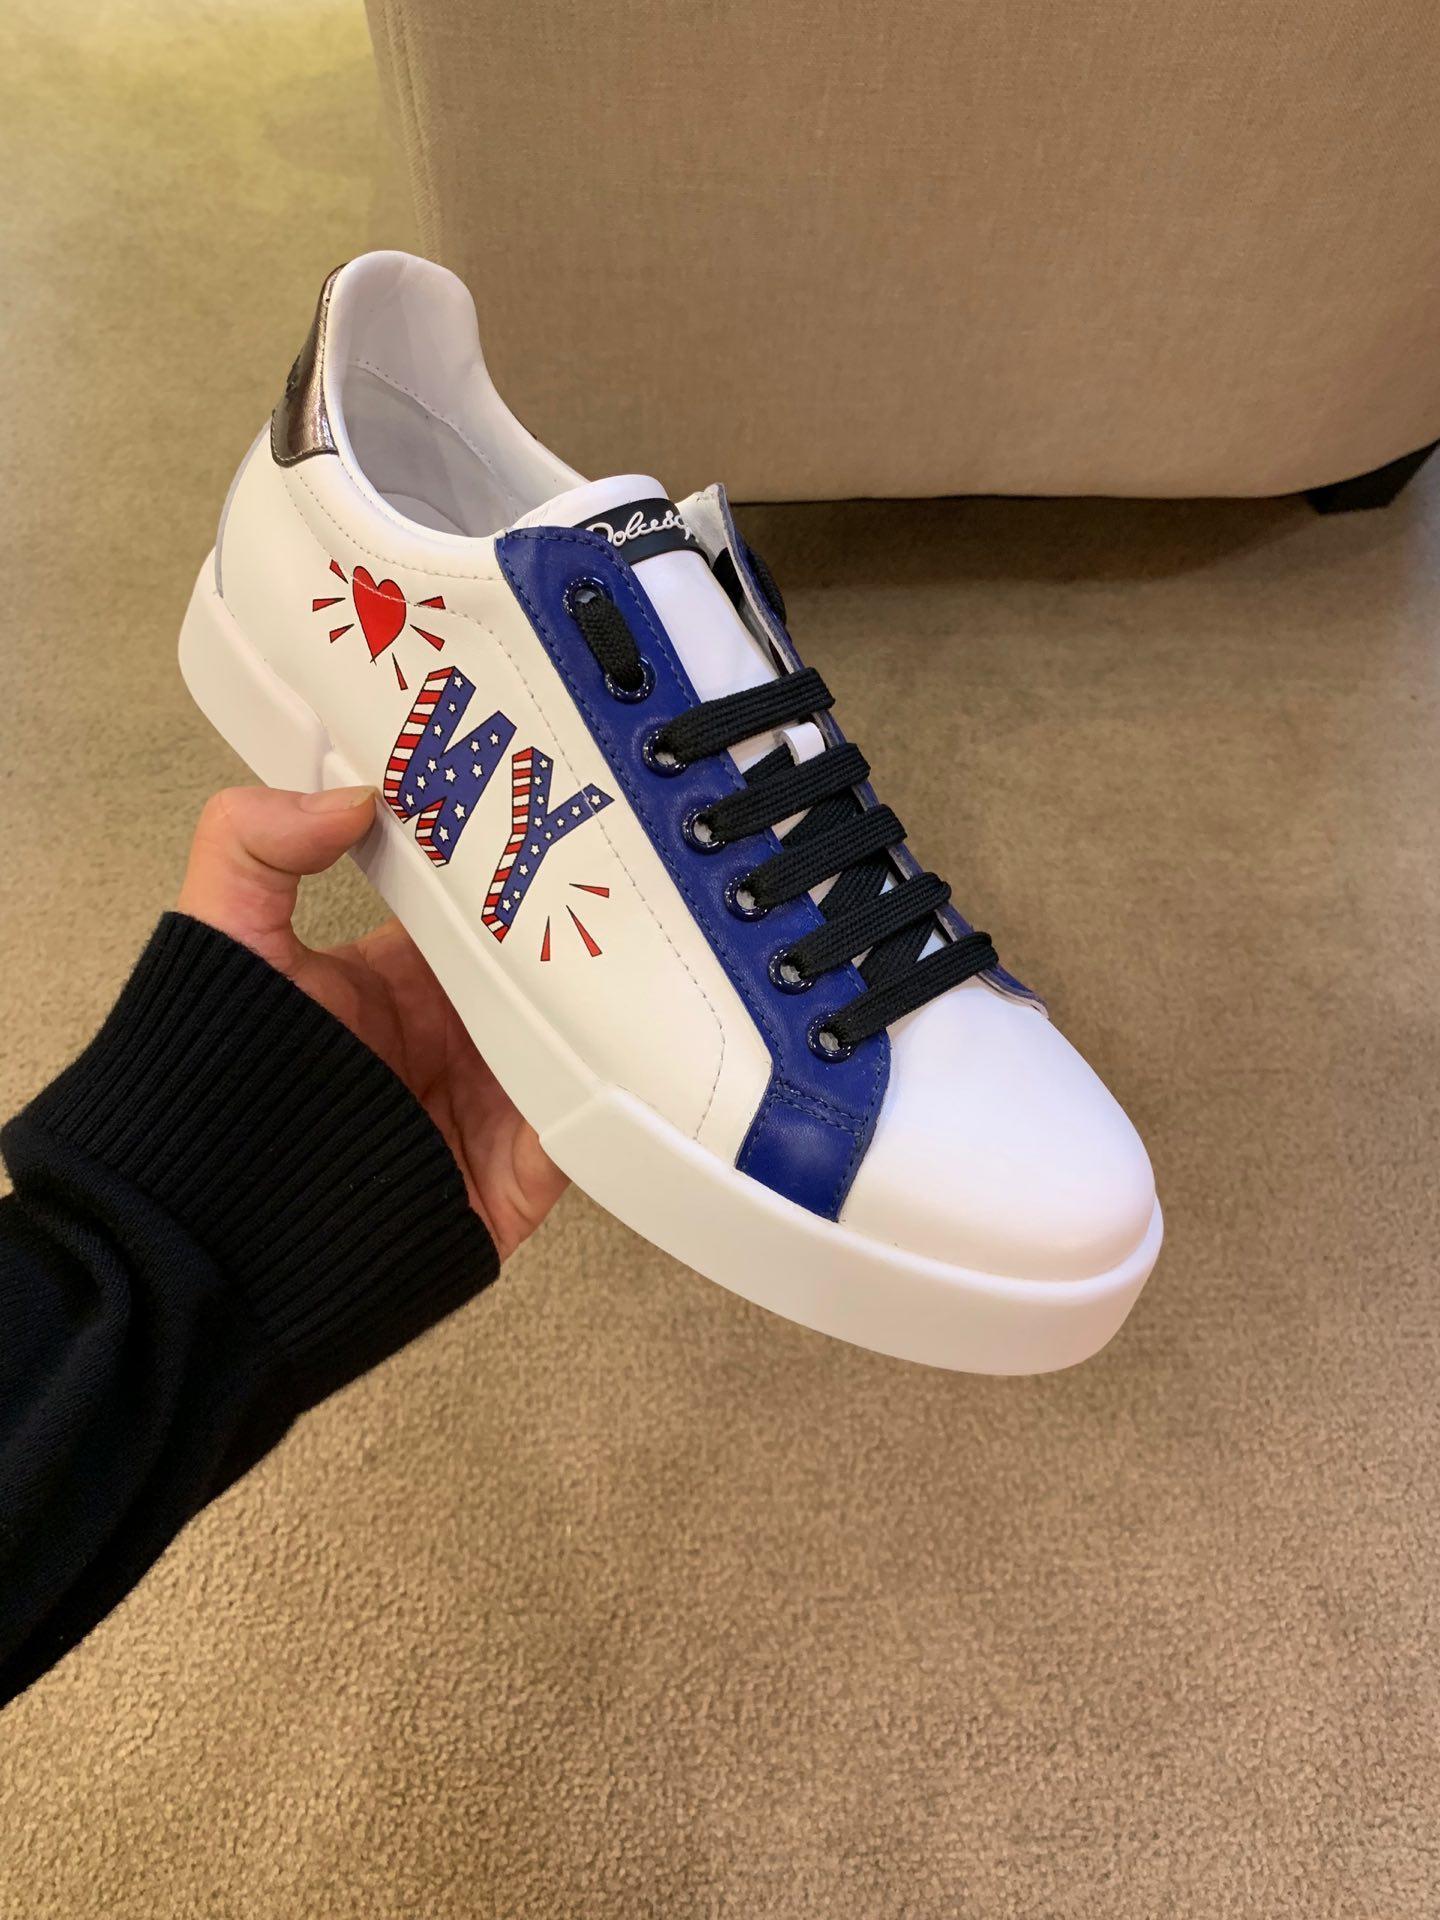 Lüks Tasarımcı Erkekler Rahat Ayakkabılar Erkekler Rahat Ayakkabı Lüks Tasarımcı Sneakers Erkek eğitmenler Moda Sneakers Rahat Deri Ayakkabı C10